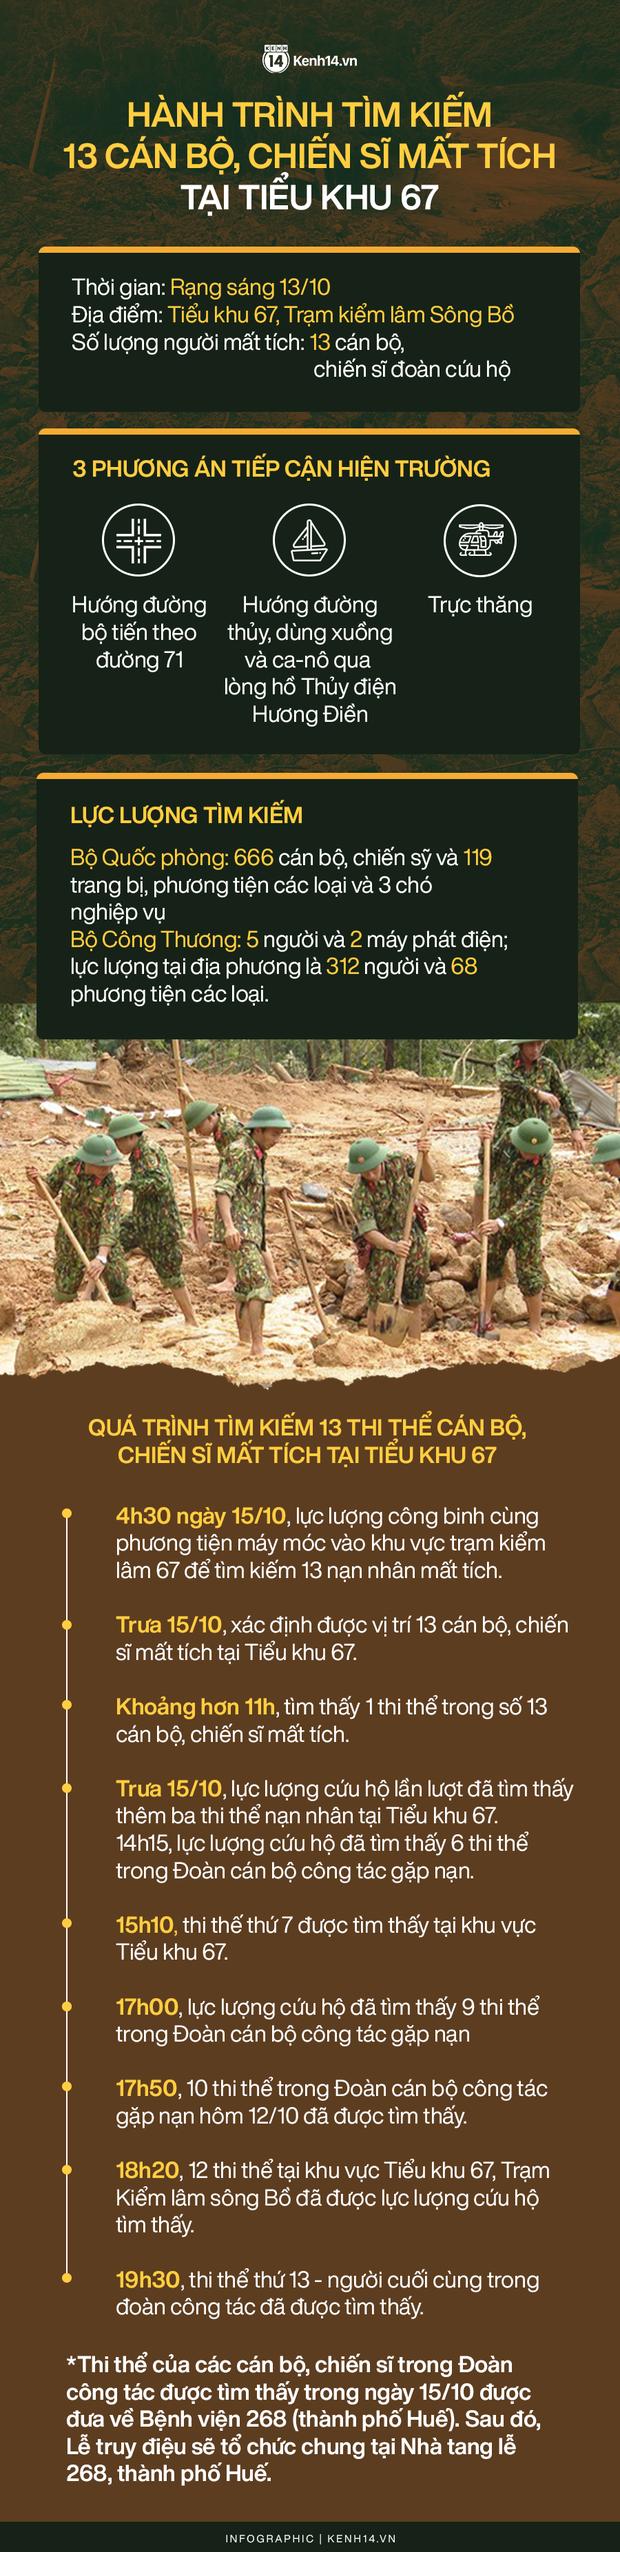 Infographic: Hành trình tìm kiếm 13 cán bộ, chiến sĩ mất tích tại Tiểu khu 67 - Ảnh 1.